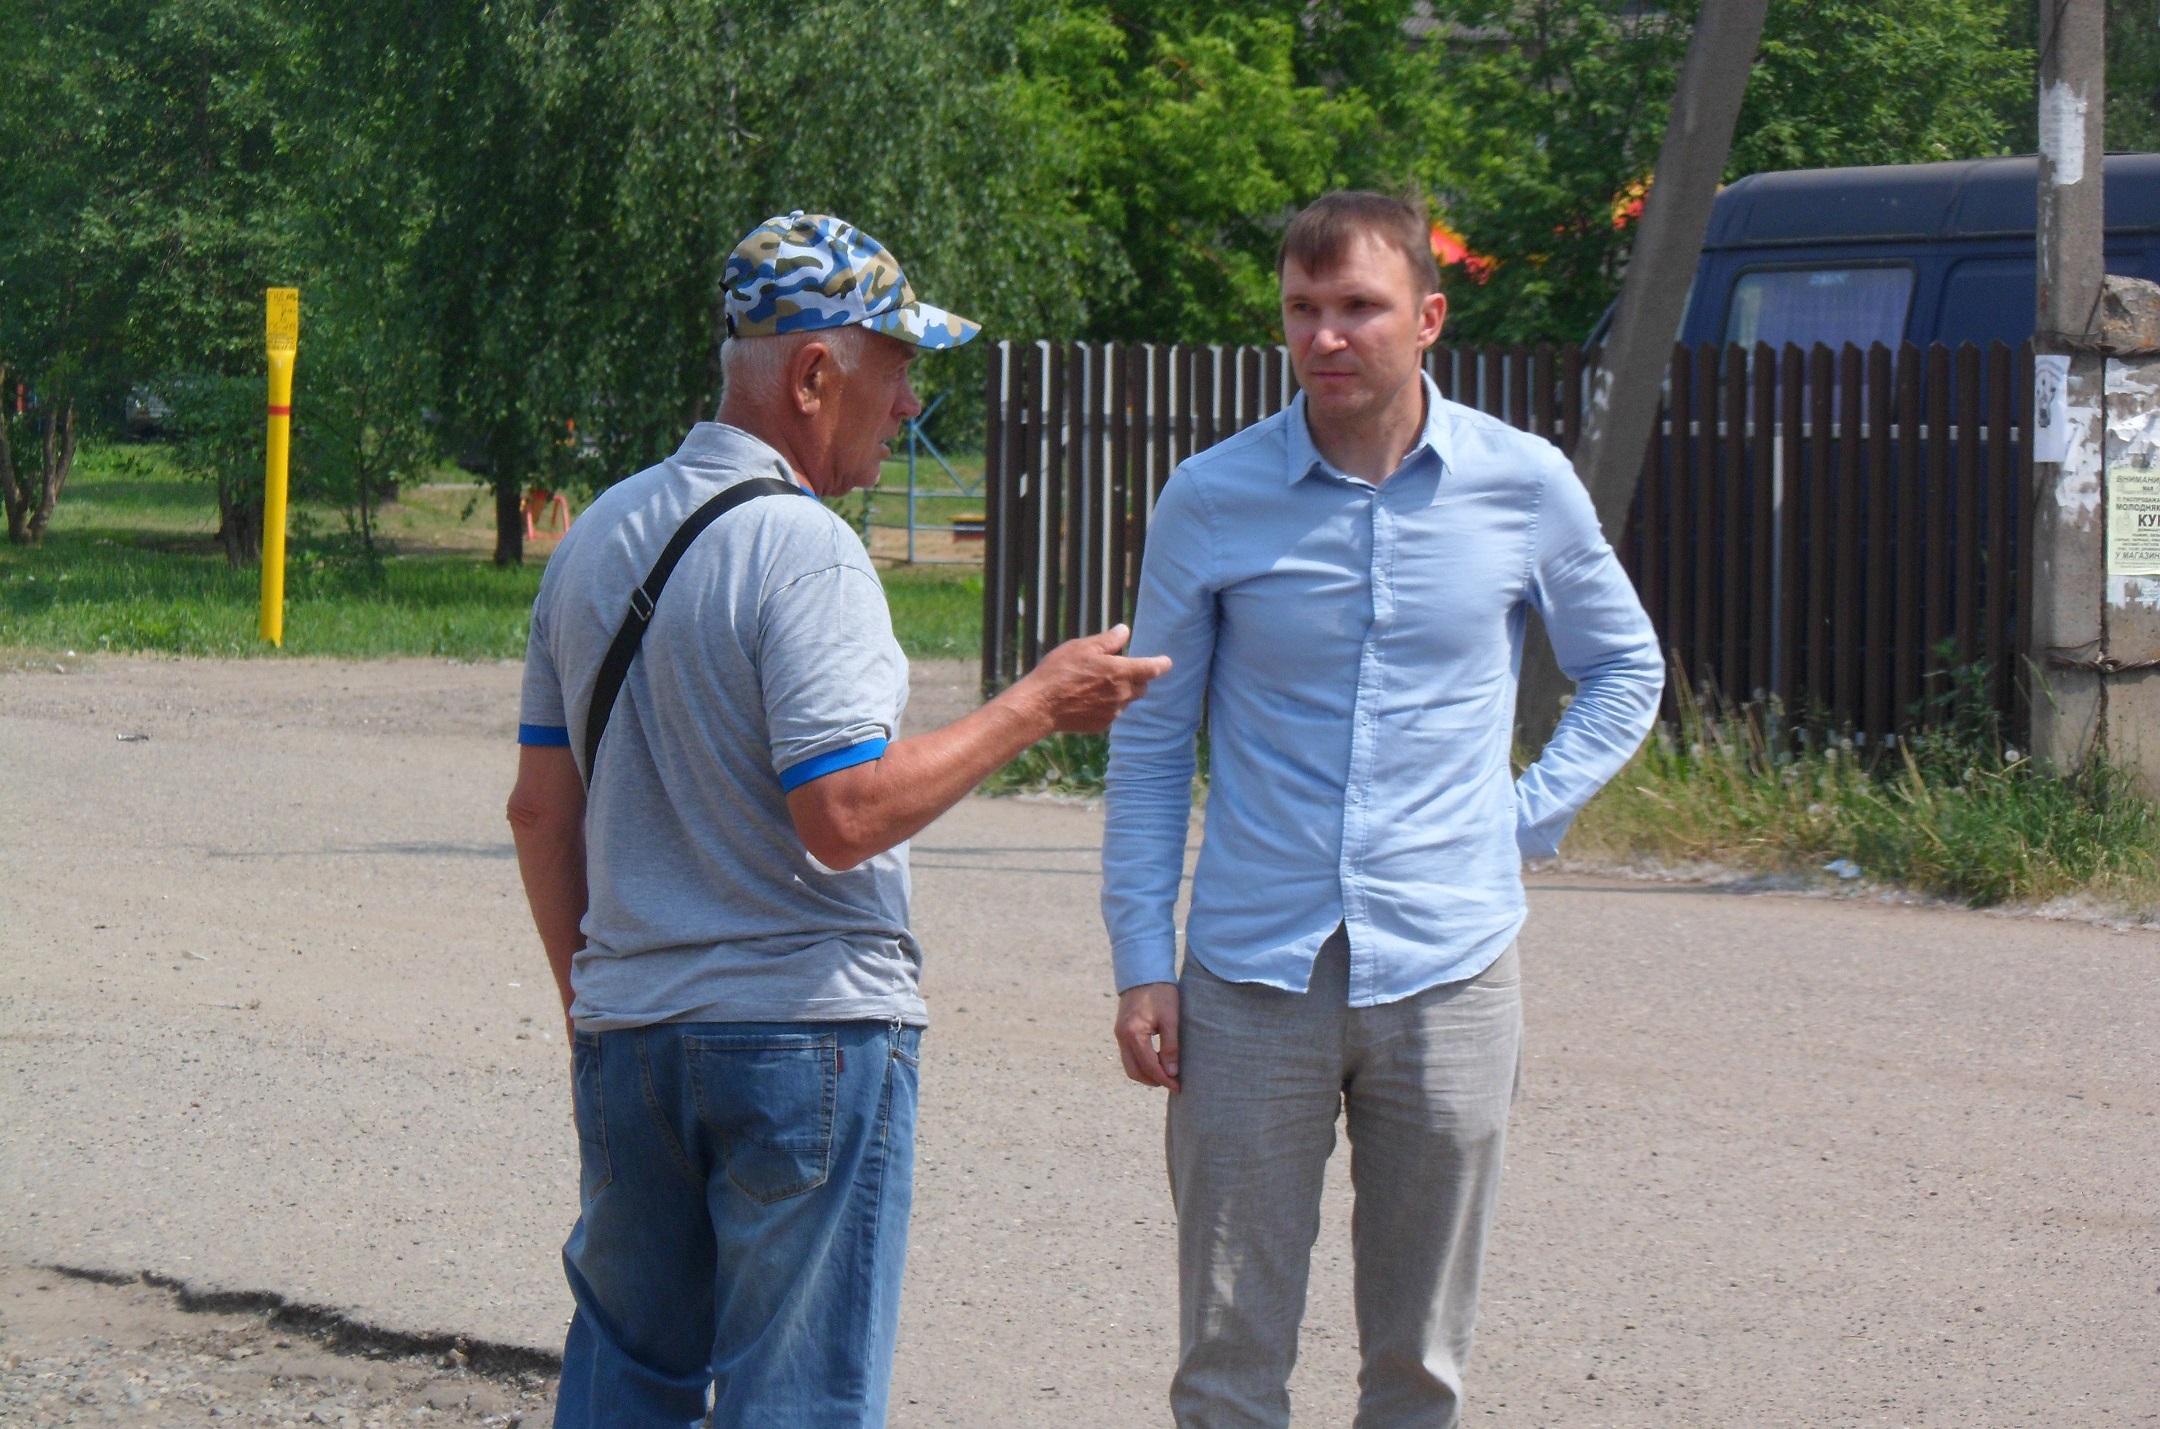 Депутат КПРФ Вячеслав Майков борется за права сельских жителей